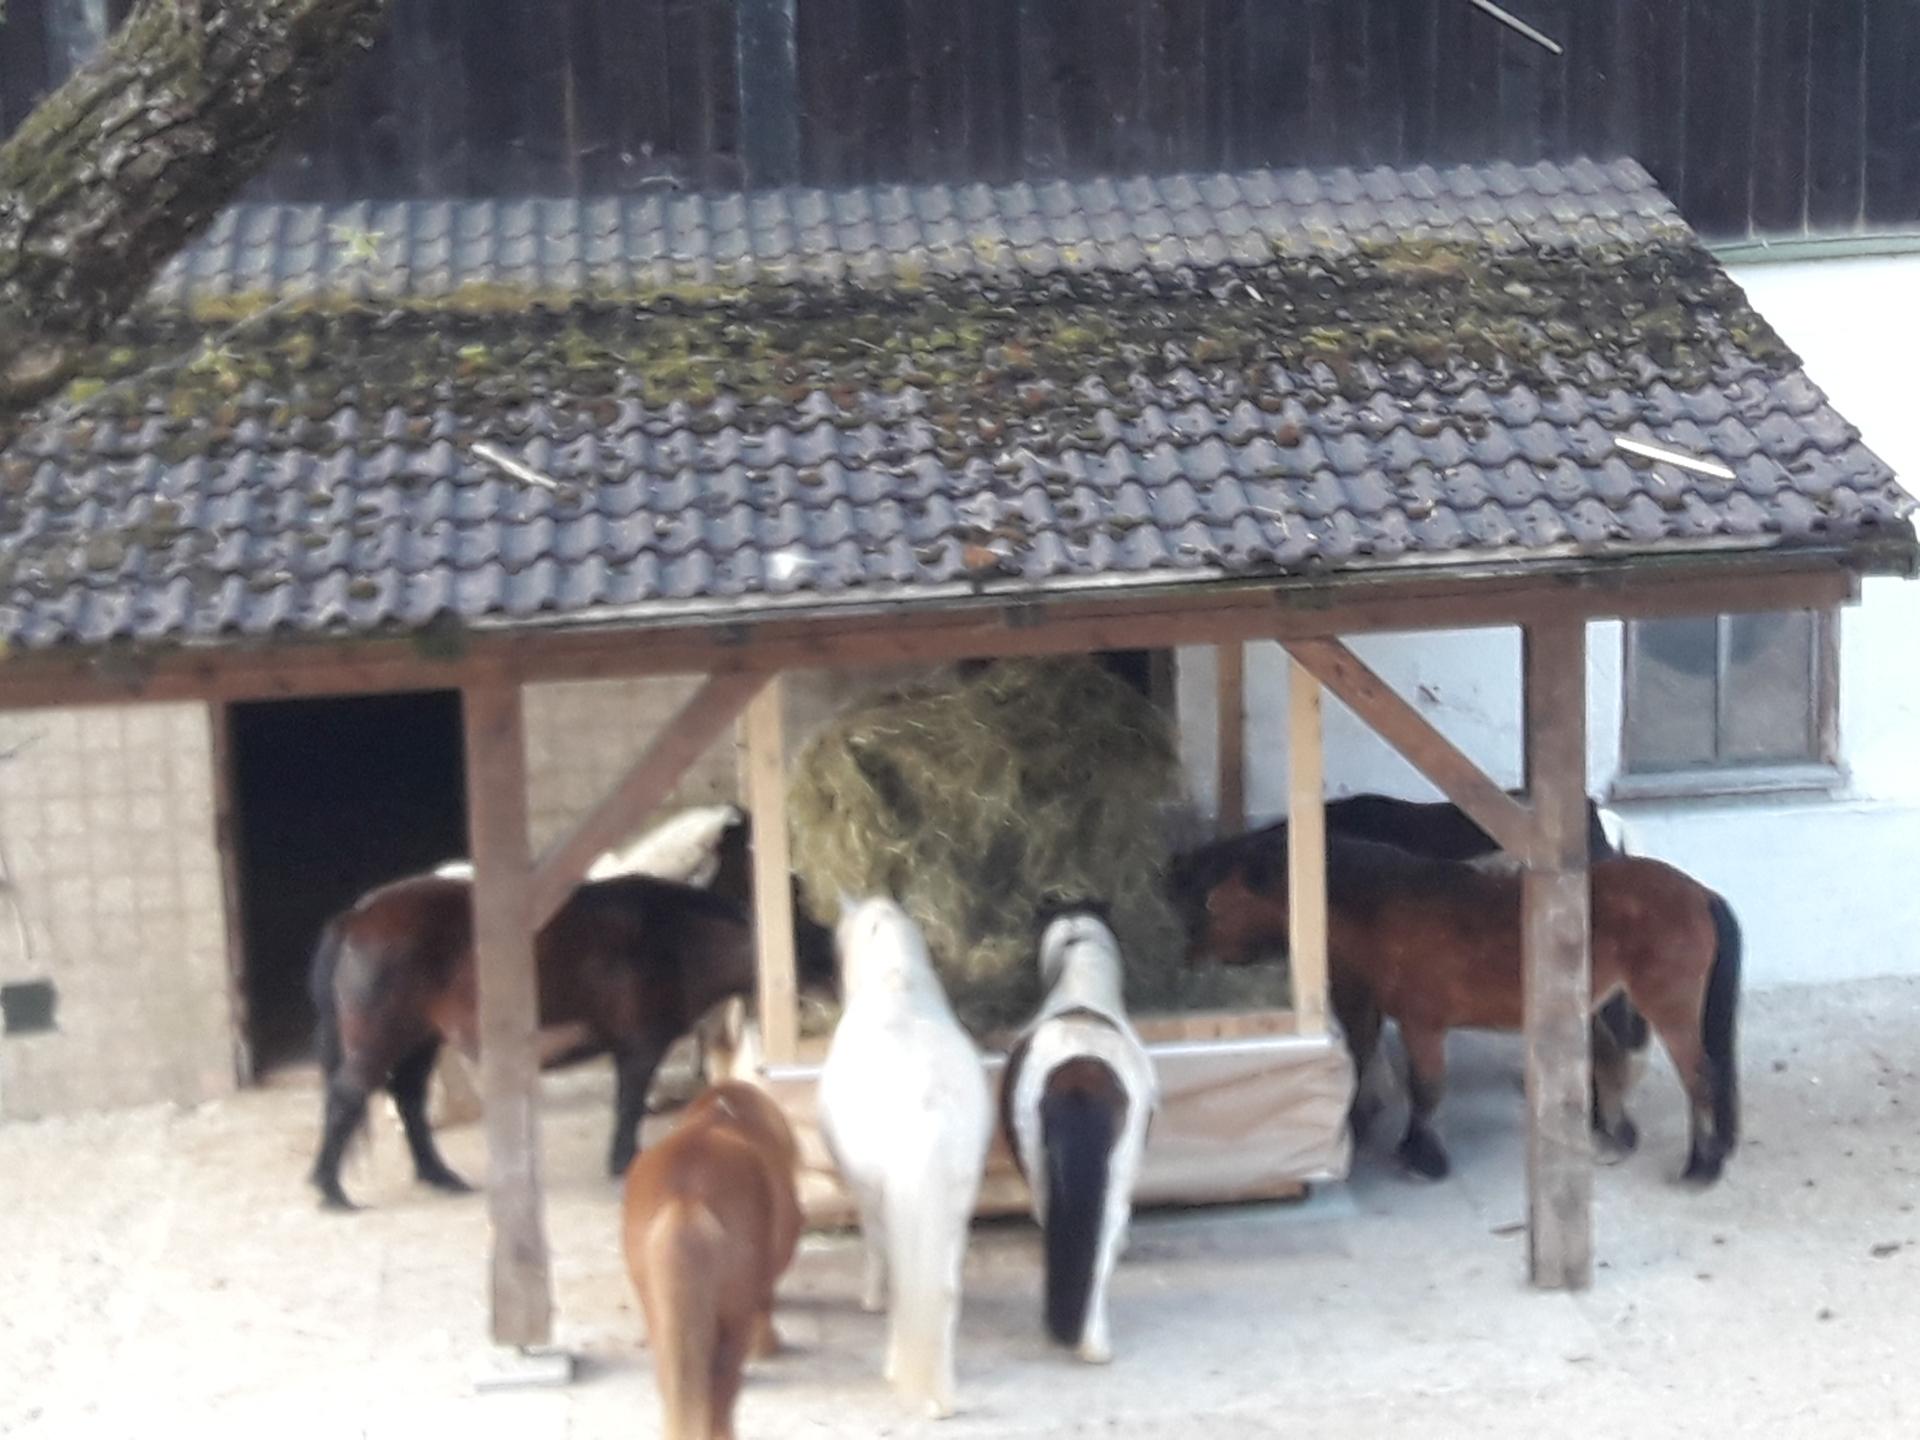 Raufomat Basis mit Ponys